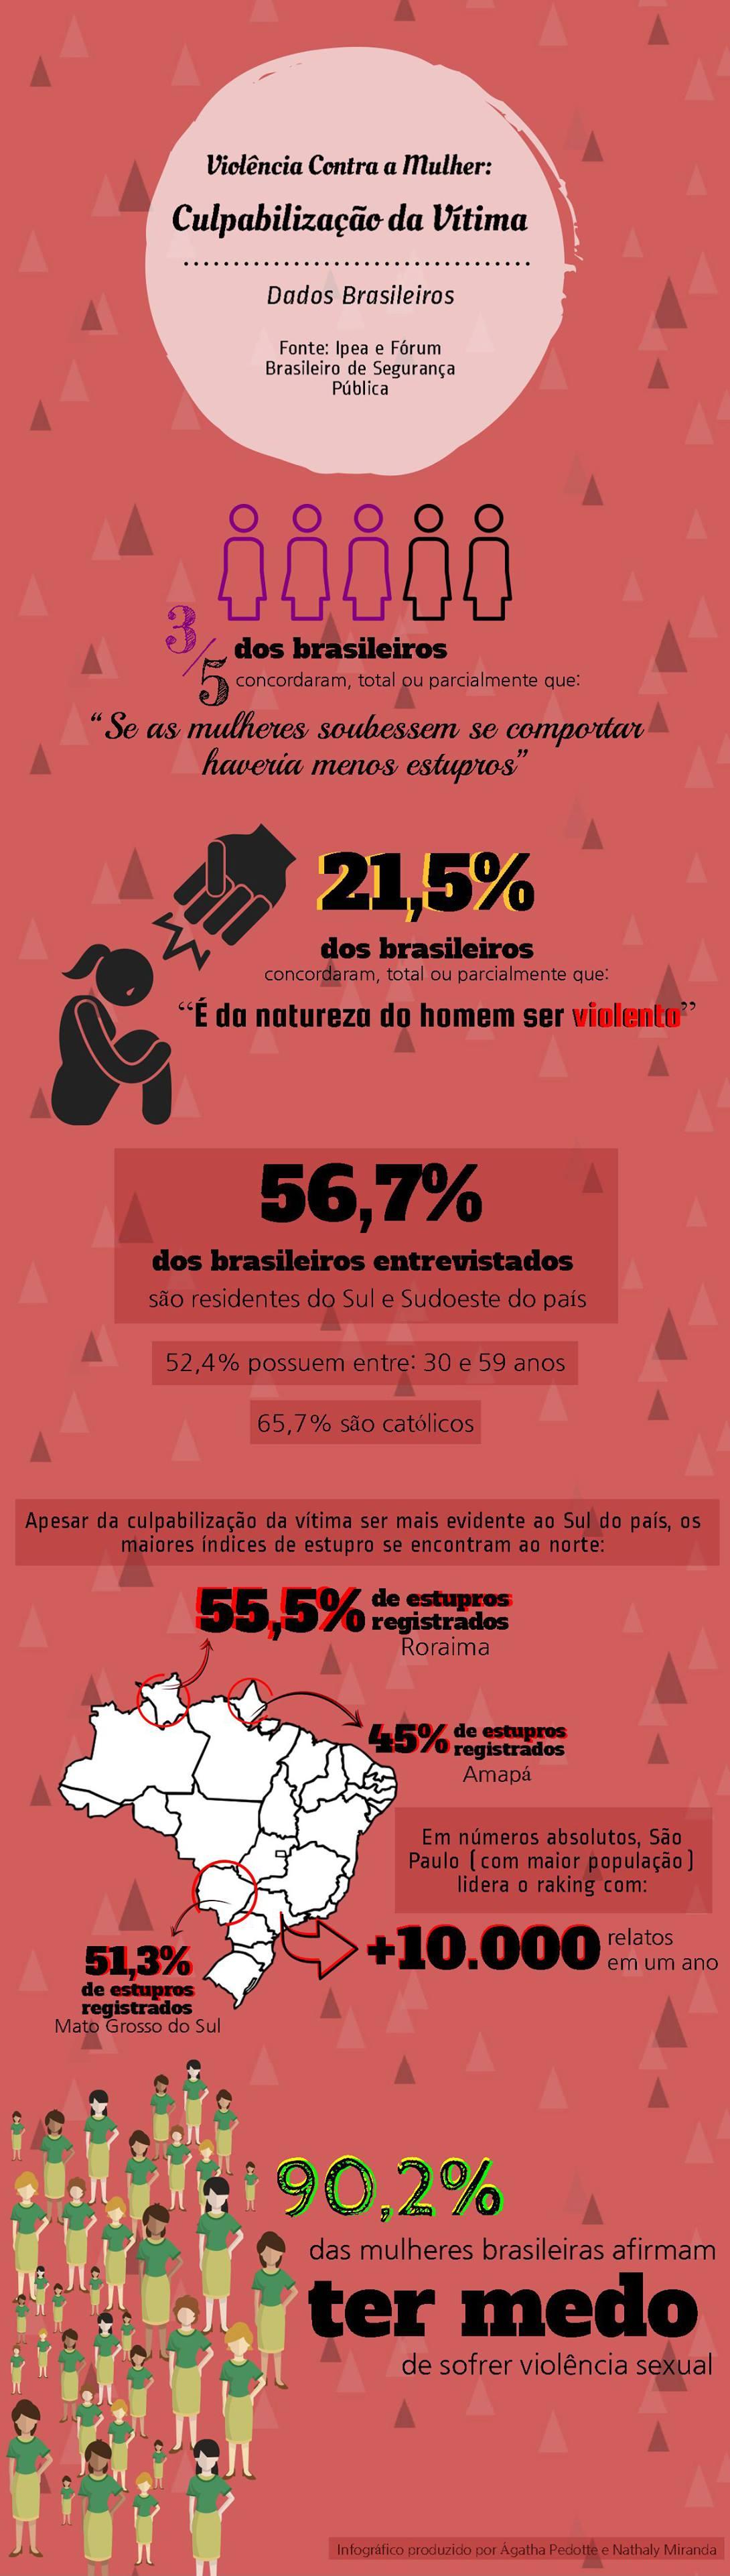 infográfico sobre a violência contra a mulher